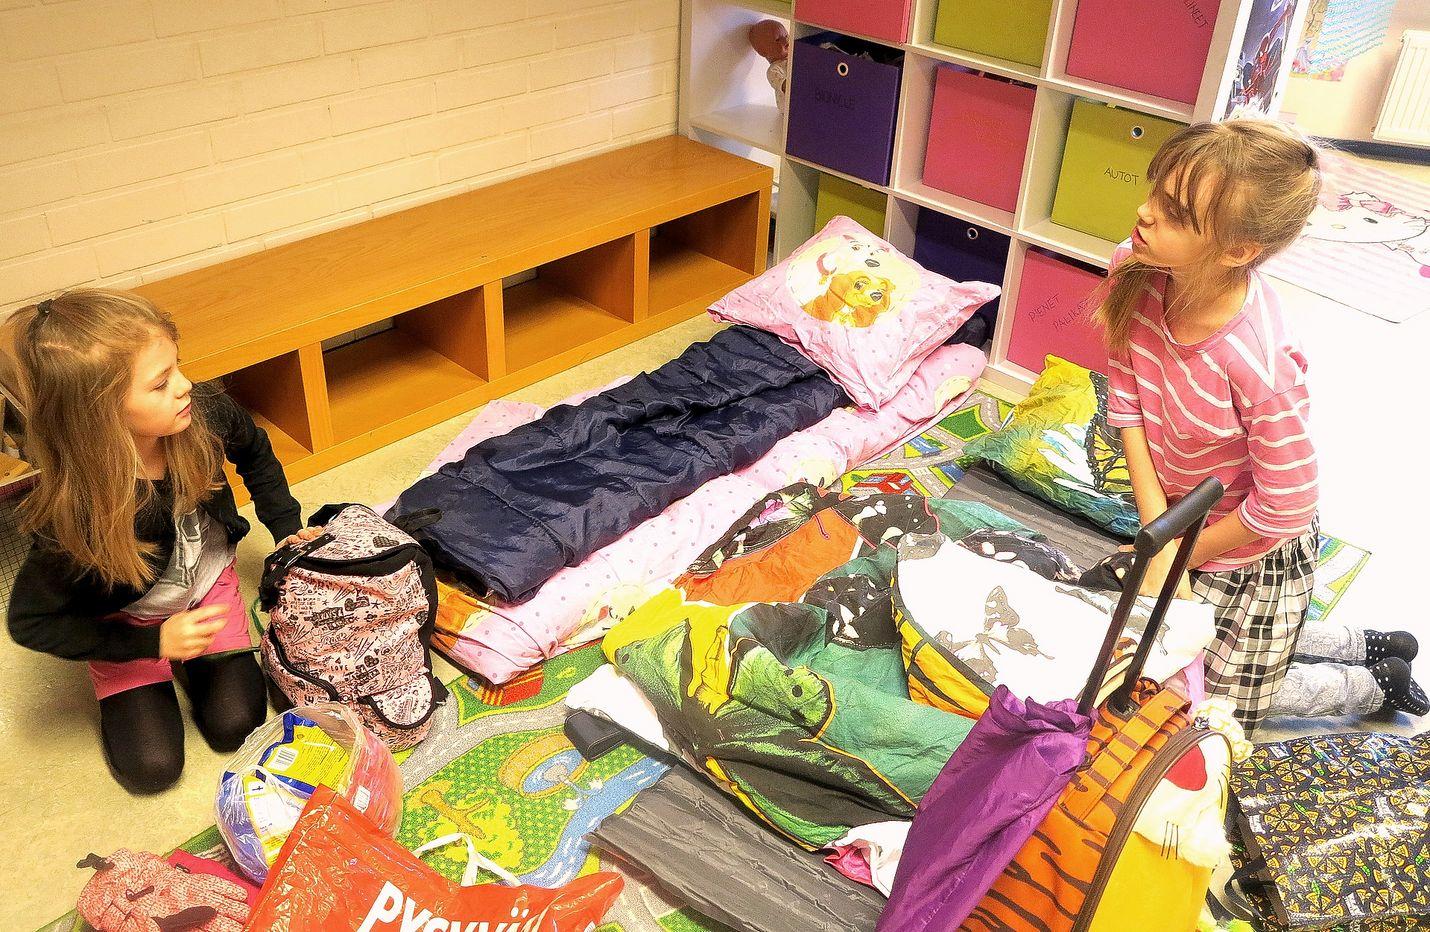 Nelli (10) ja Selma (11) olivat kaksi ensimmäistä, jotka saapuivat paikalle Kuovin nuorisotalolle järjestettyyn käsityöleiriin. Tytöt pääsivät ensimmäisinä varaamaan mieluisat nukkumapaikat leikkihuoneesta.